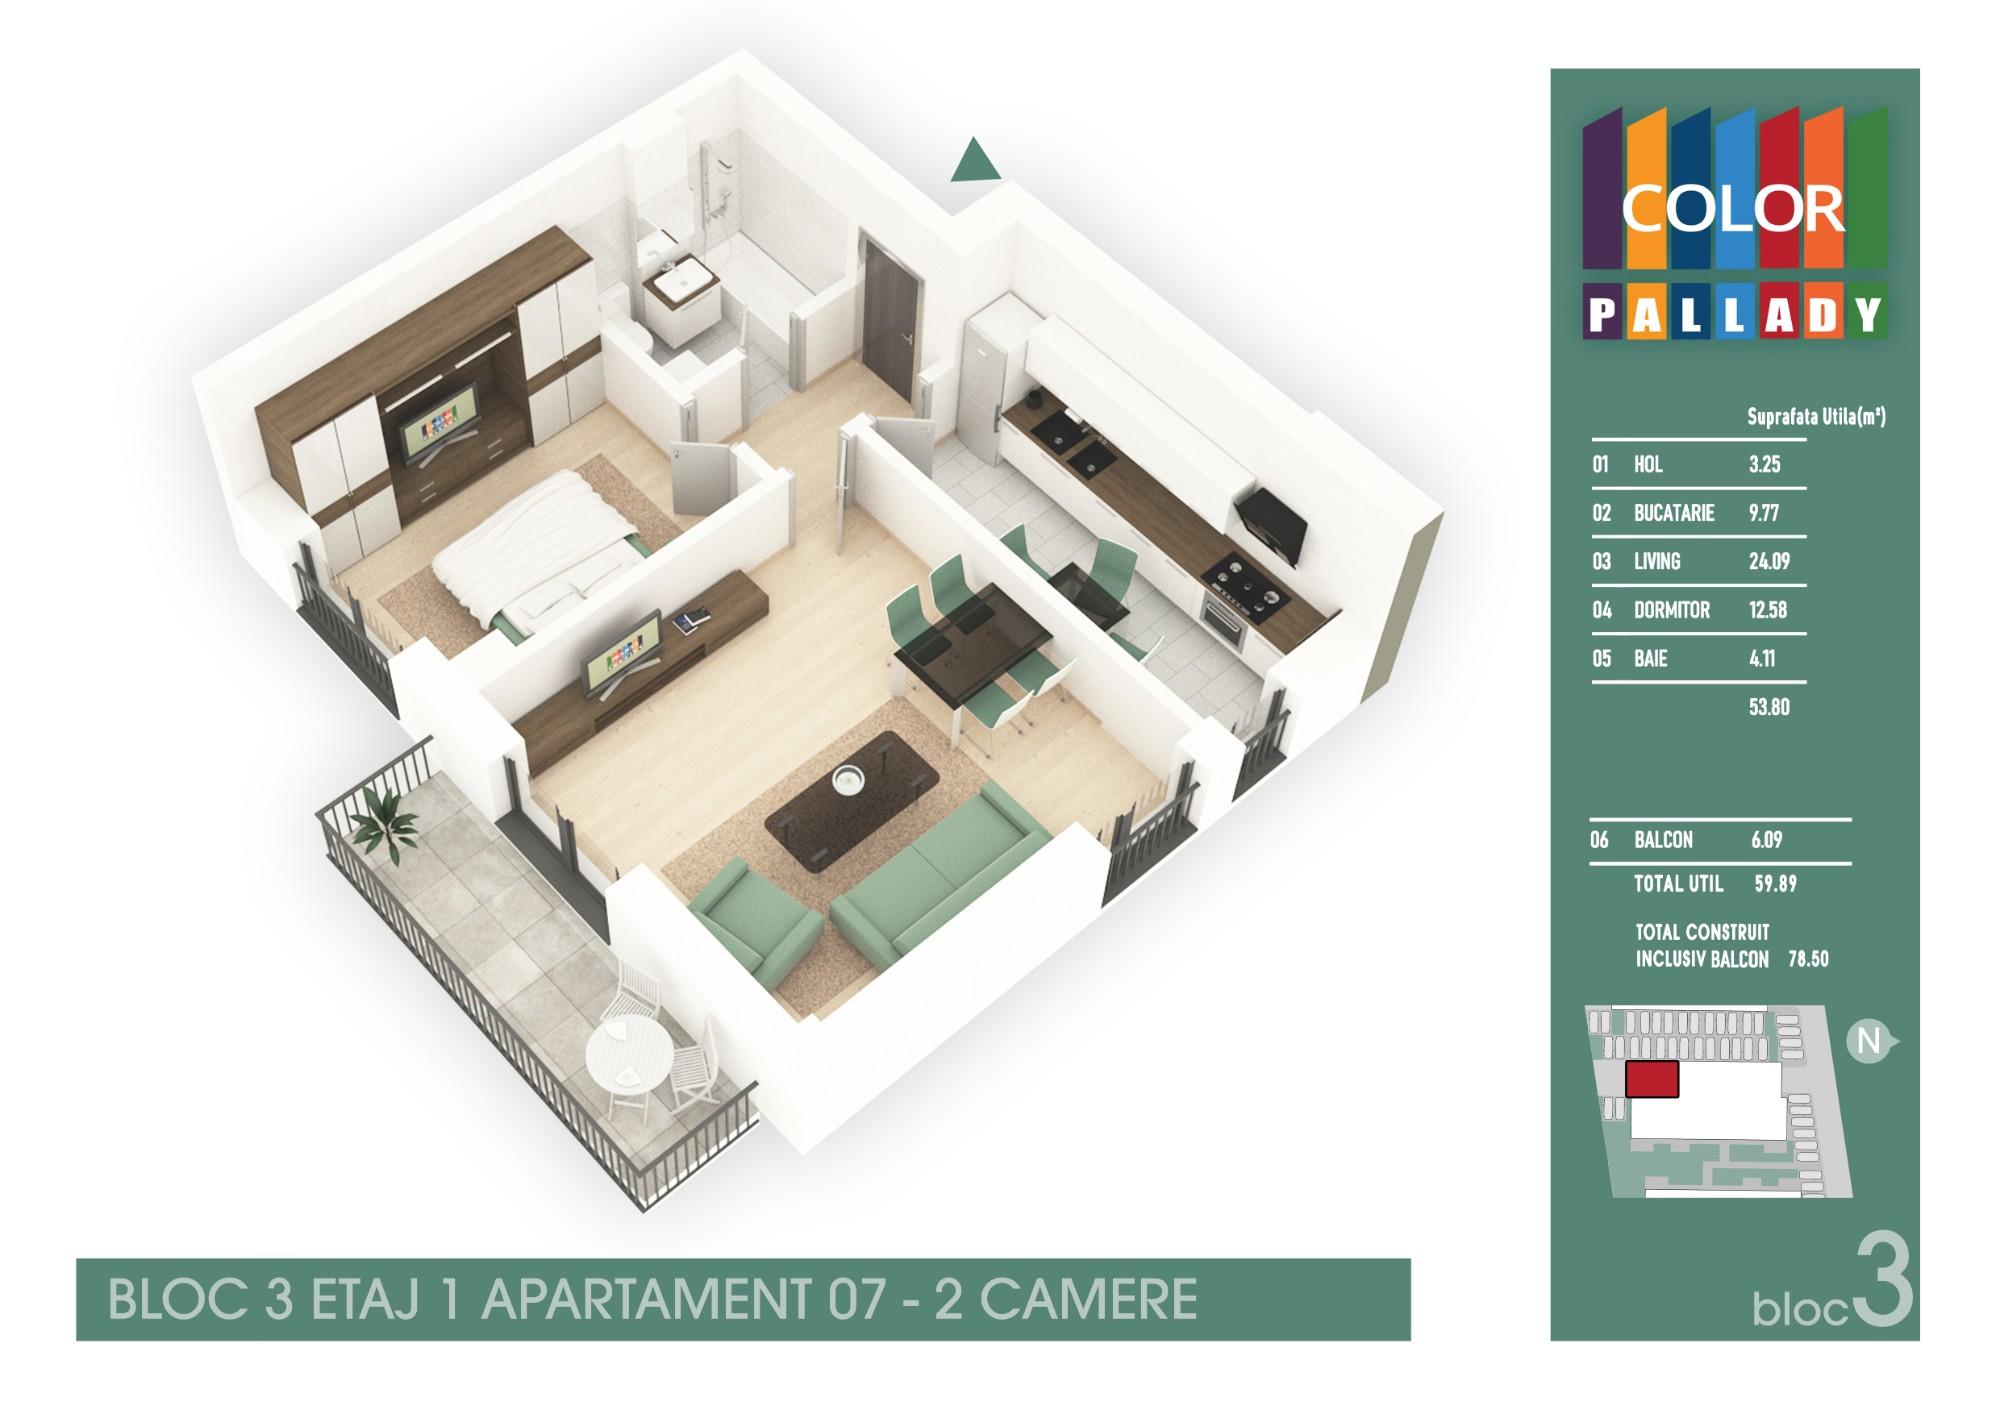 Bloc 3 - Etaj 1 - Apartament 07